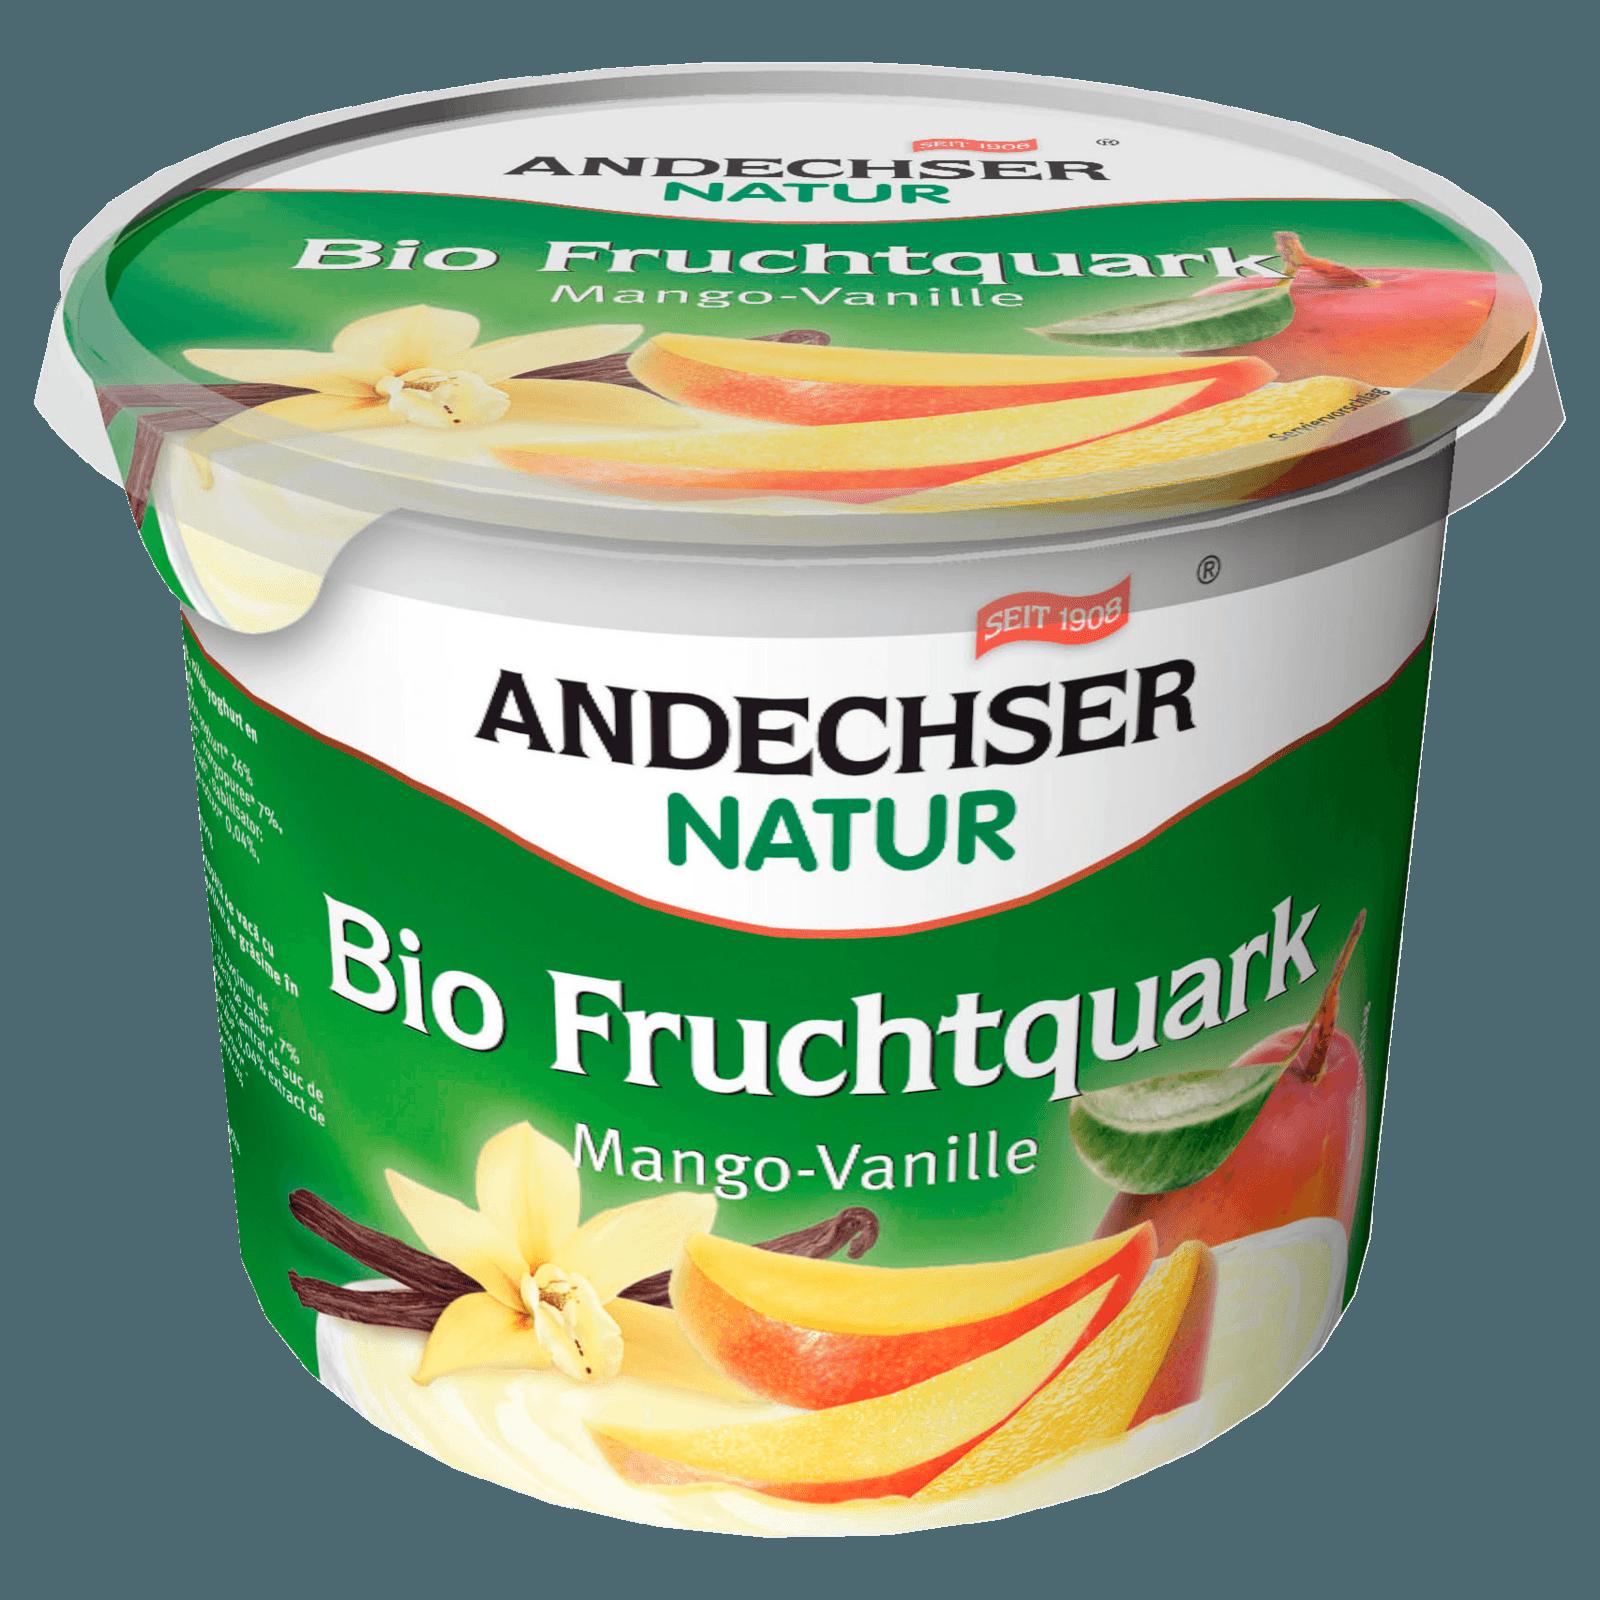 Andechser Natur Bio-Fruchtquark Mango-Vanille 450g